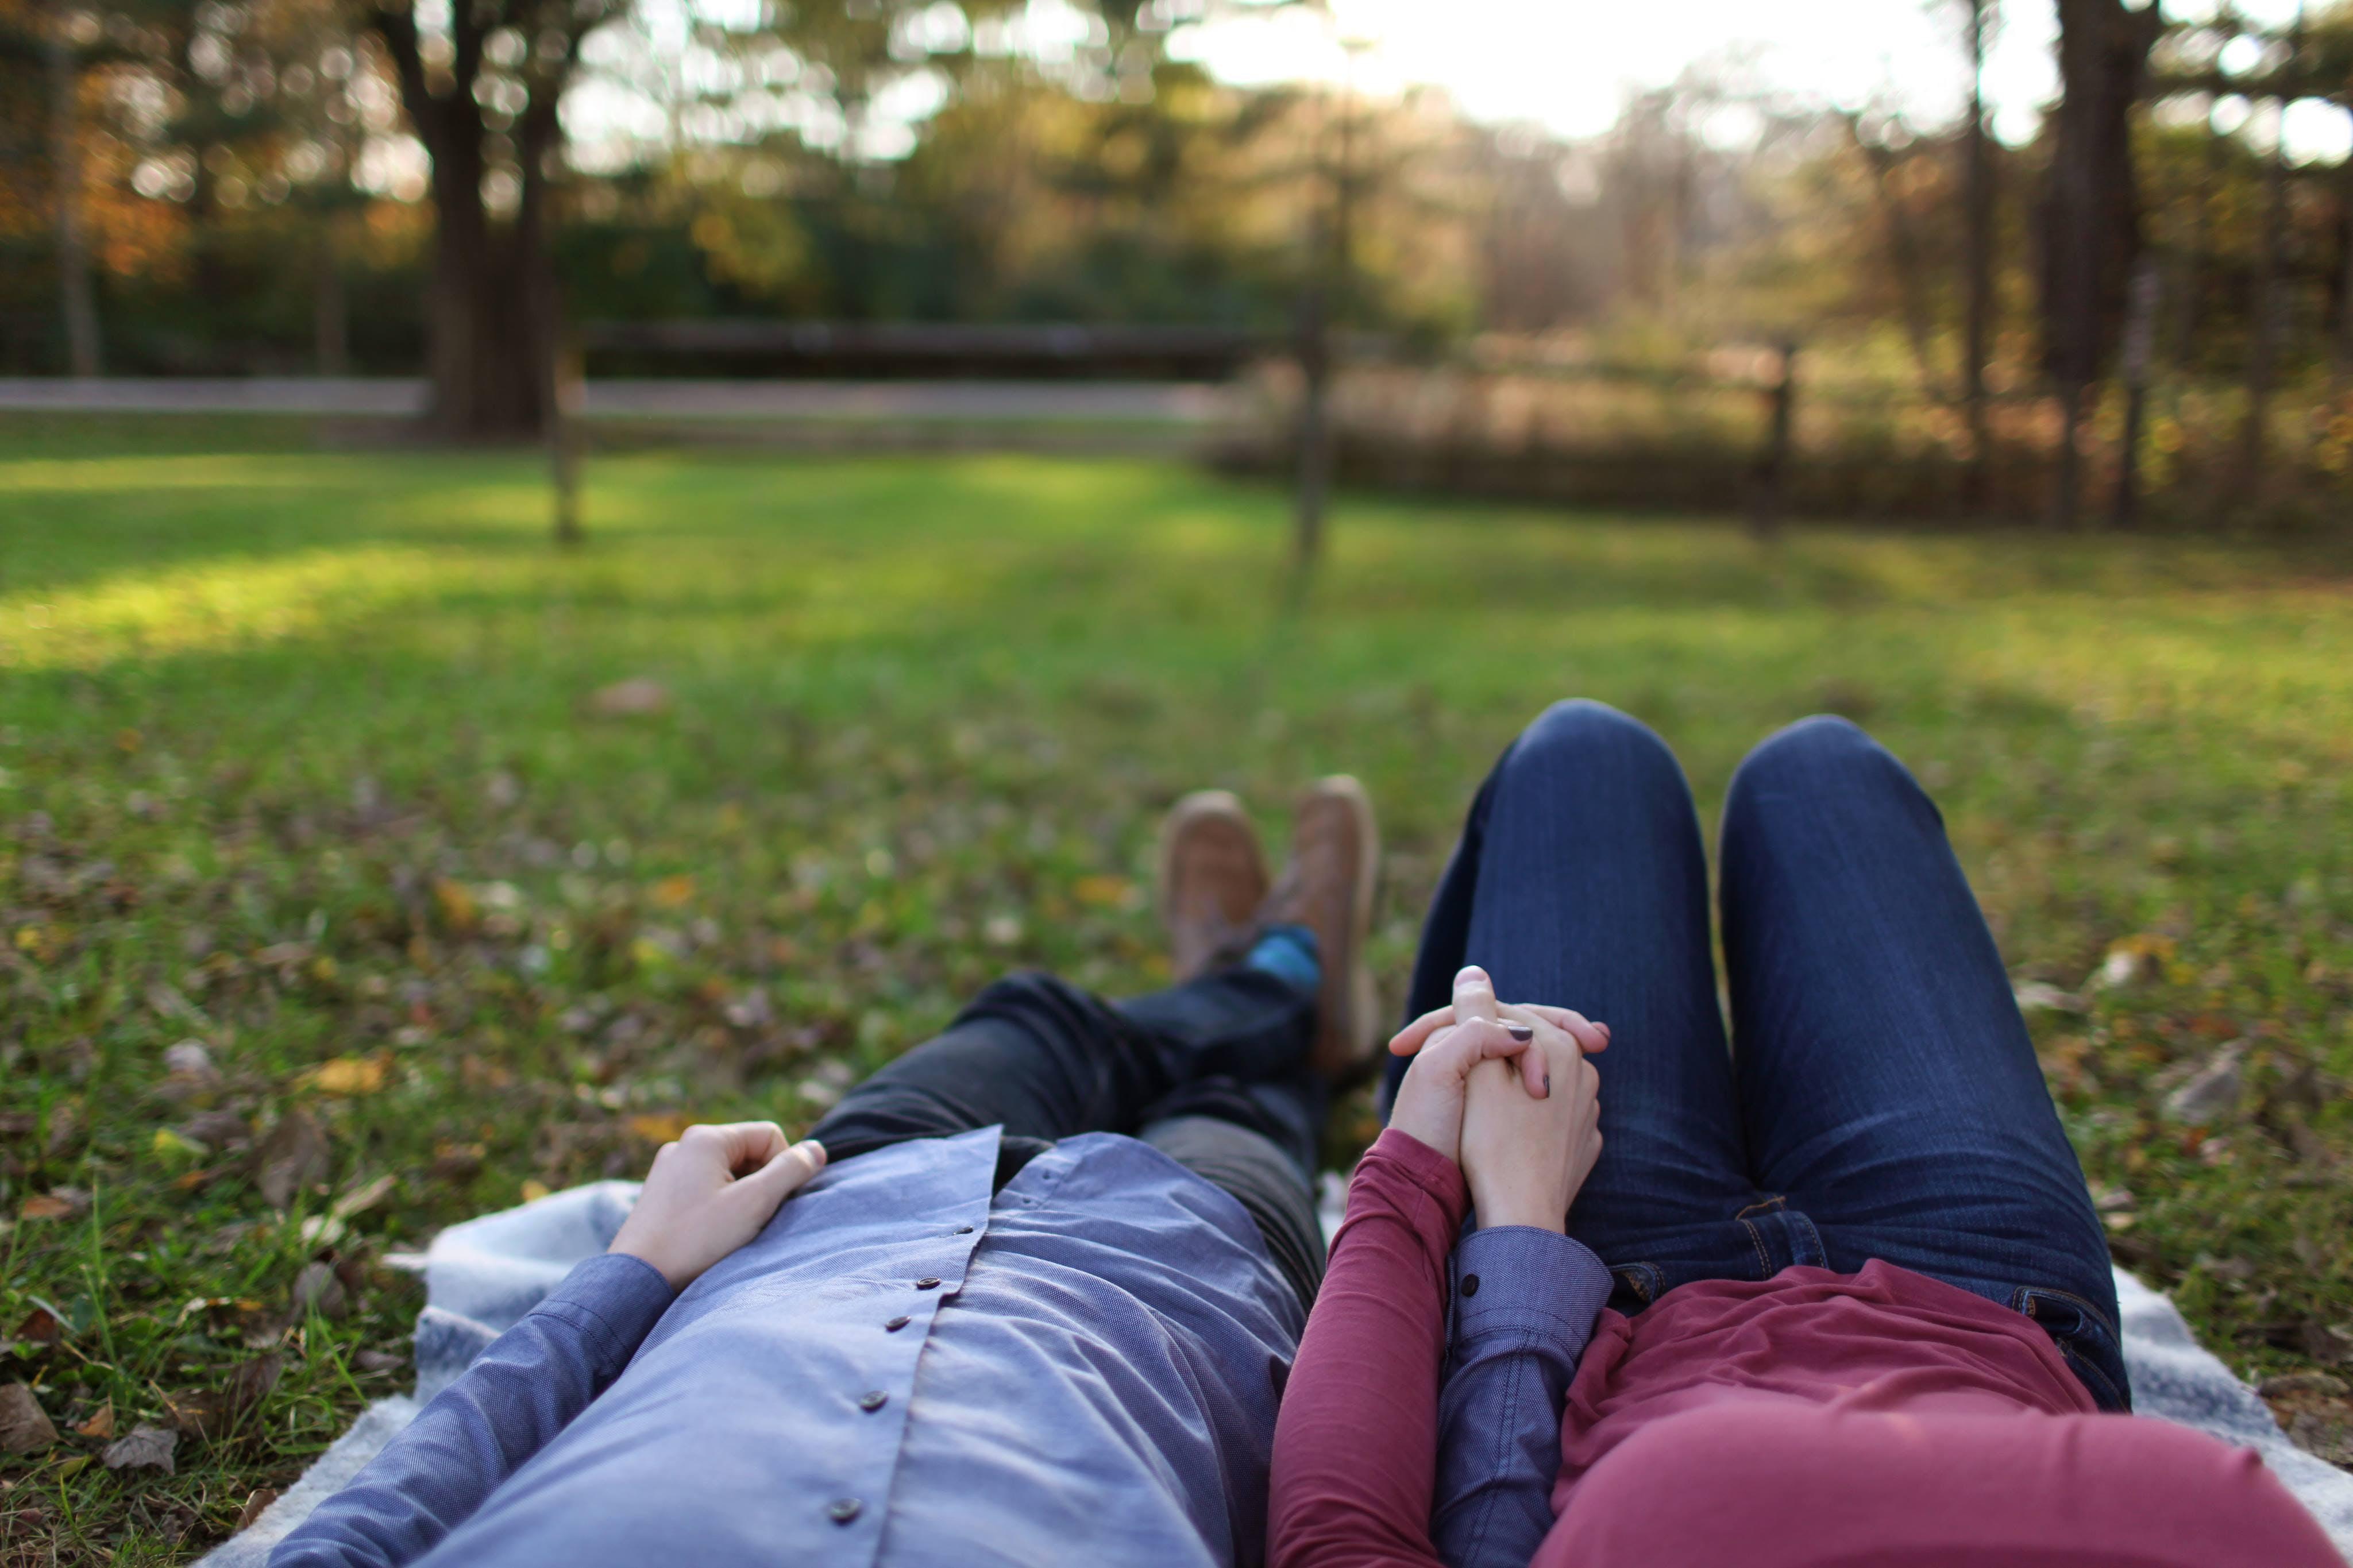 Ảnh lưu trữ miễn phí về cặp vợ chồng, cặp đôi lãng mạn, cặp đôi trẻ, cây